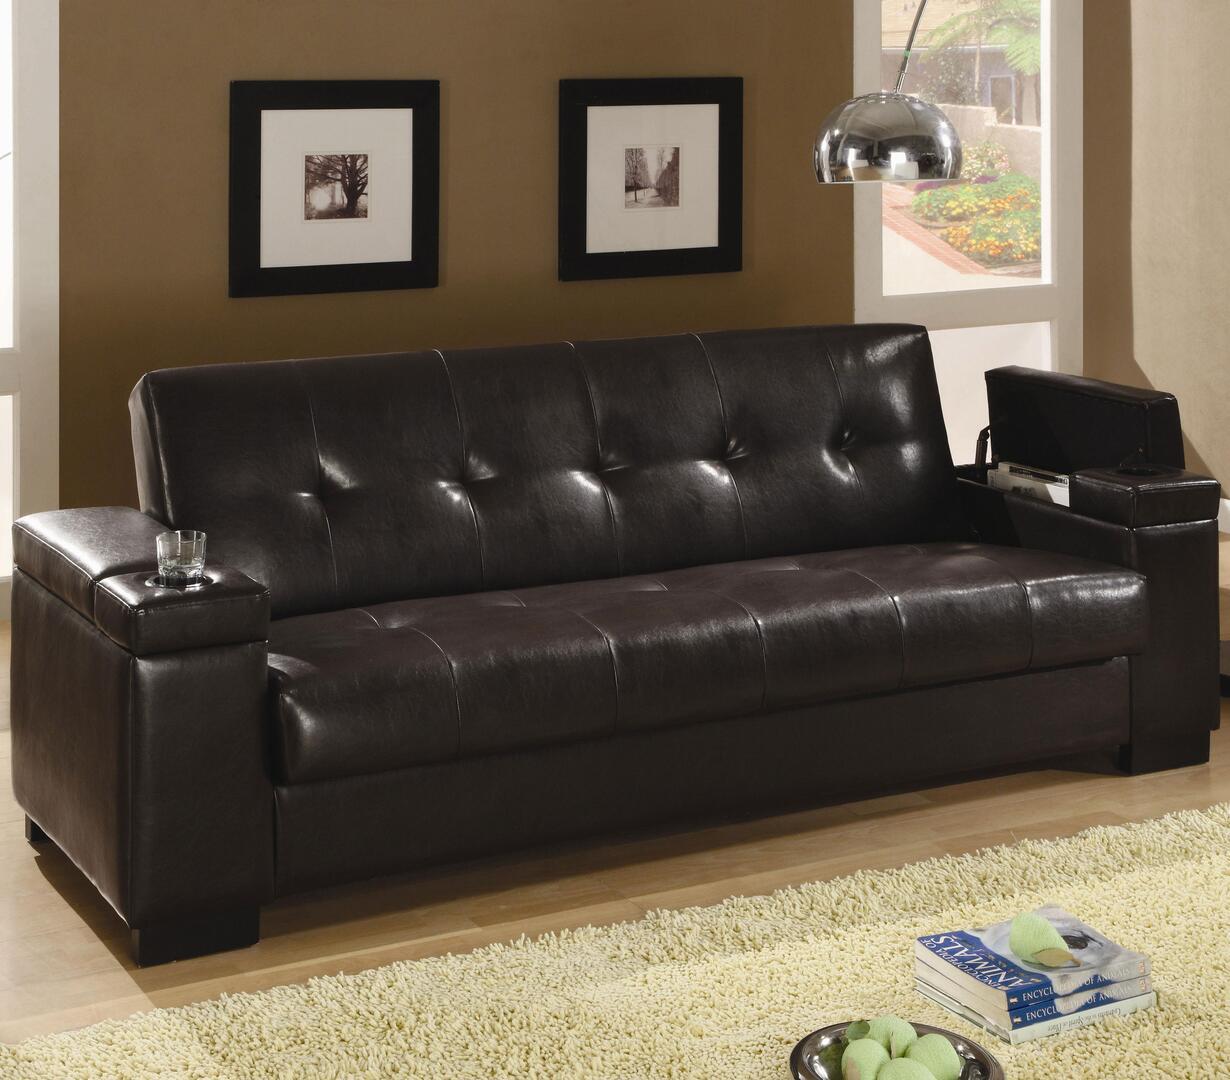 Super Coaster 300143 Unemploymentrelief Wooden Chair Designs For Living Room Unemploymentrelieforg